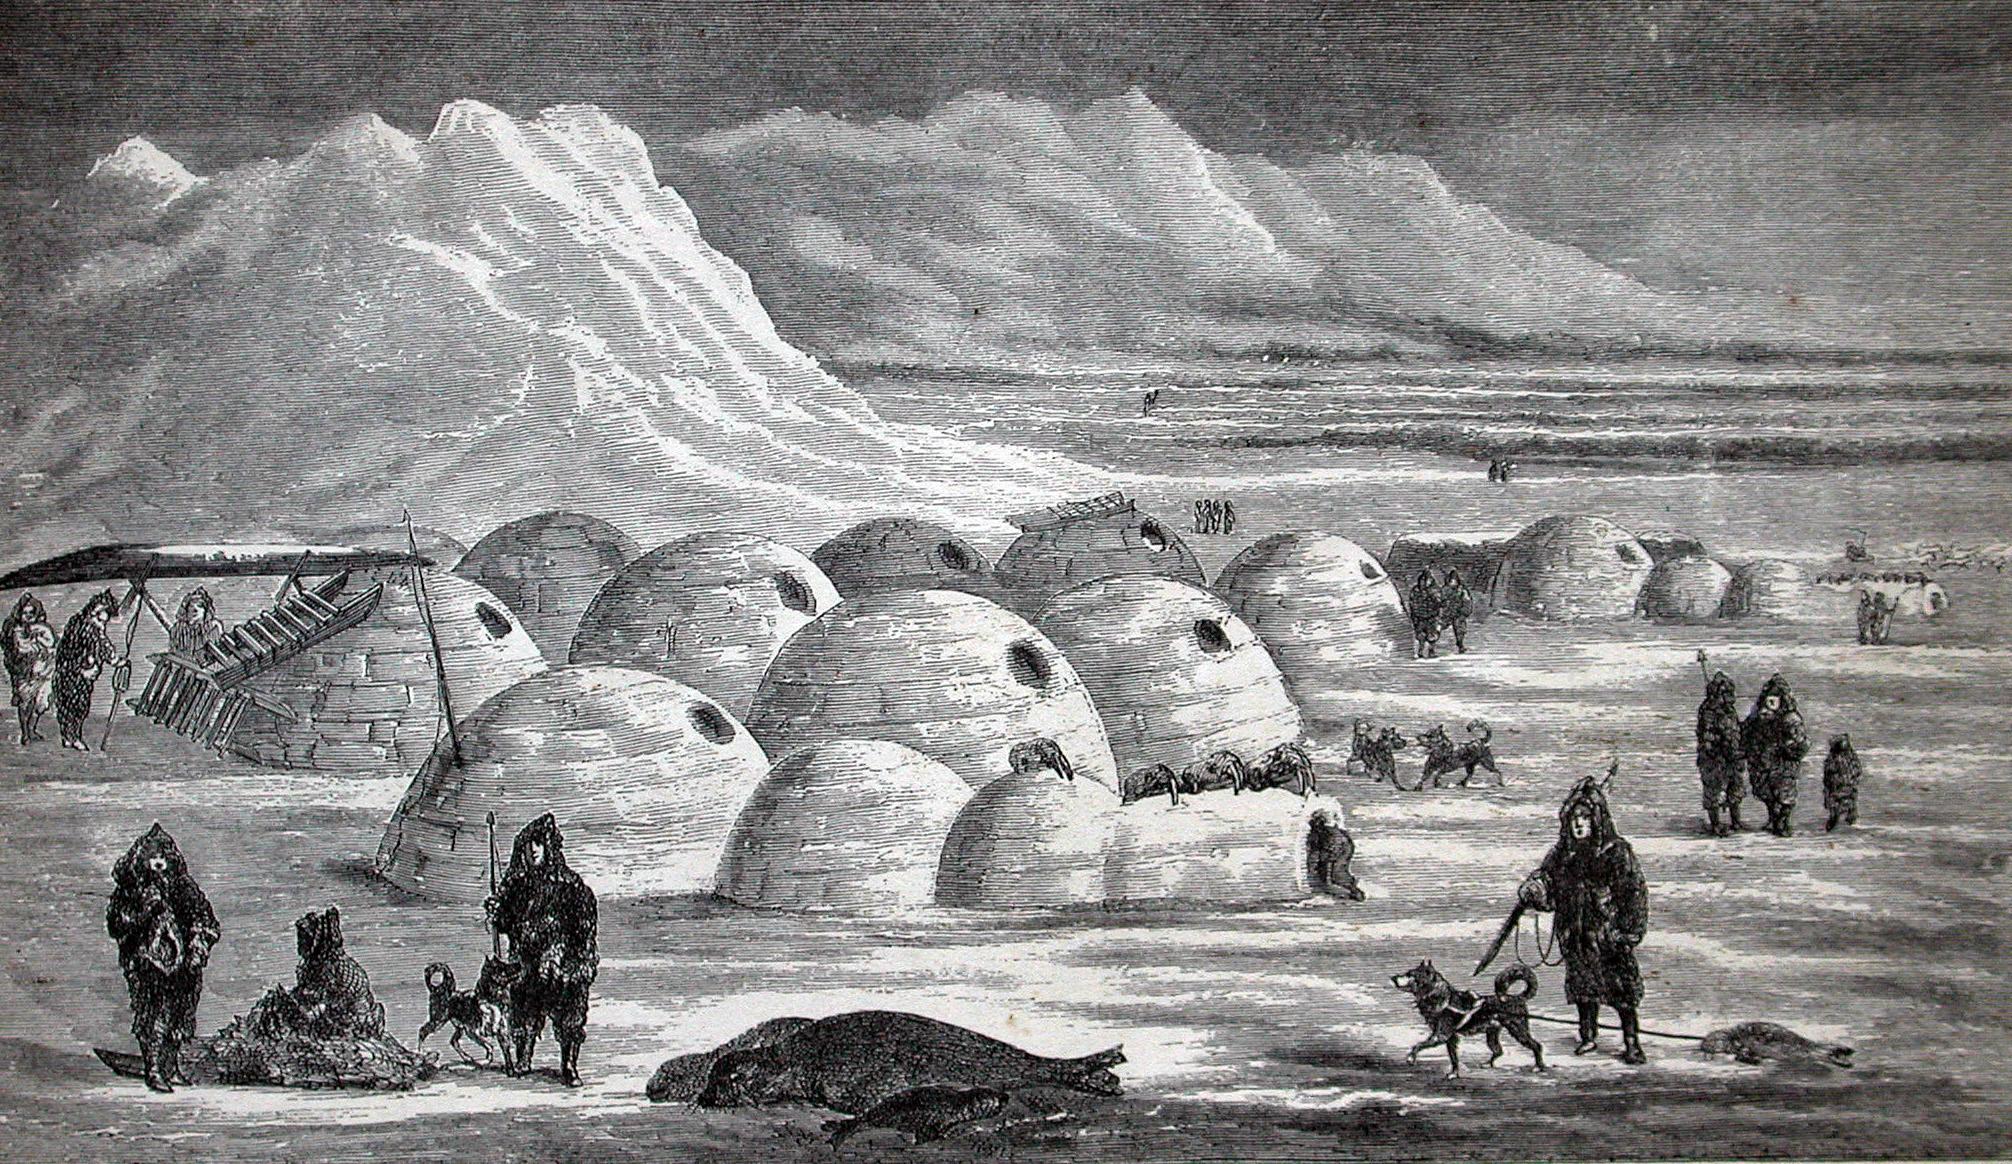 Quviasukvik